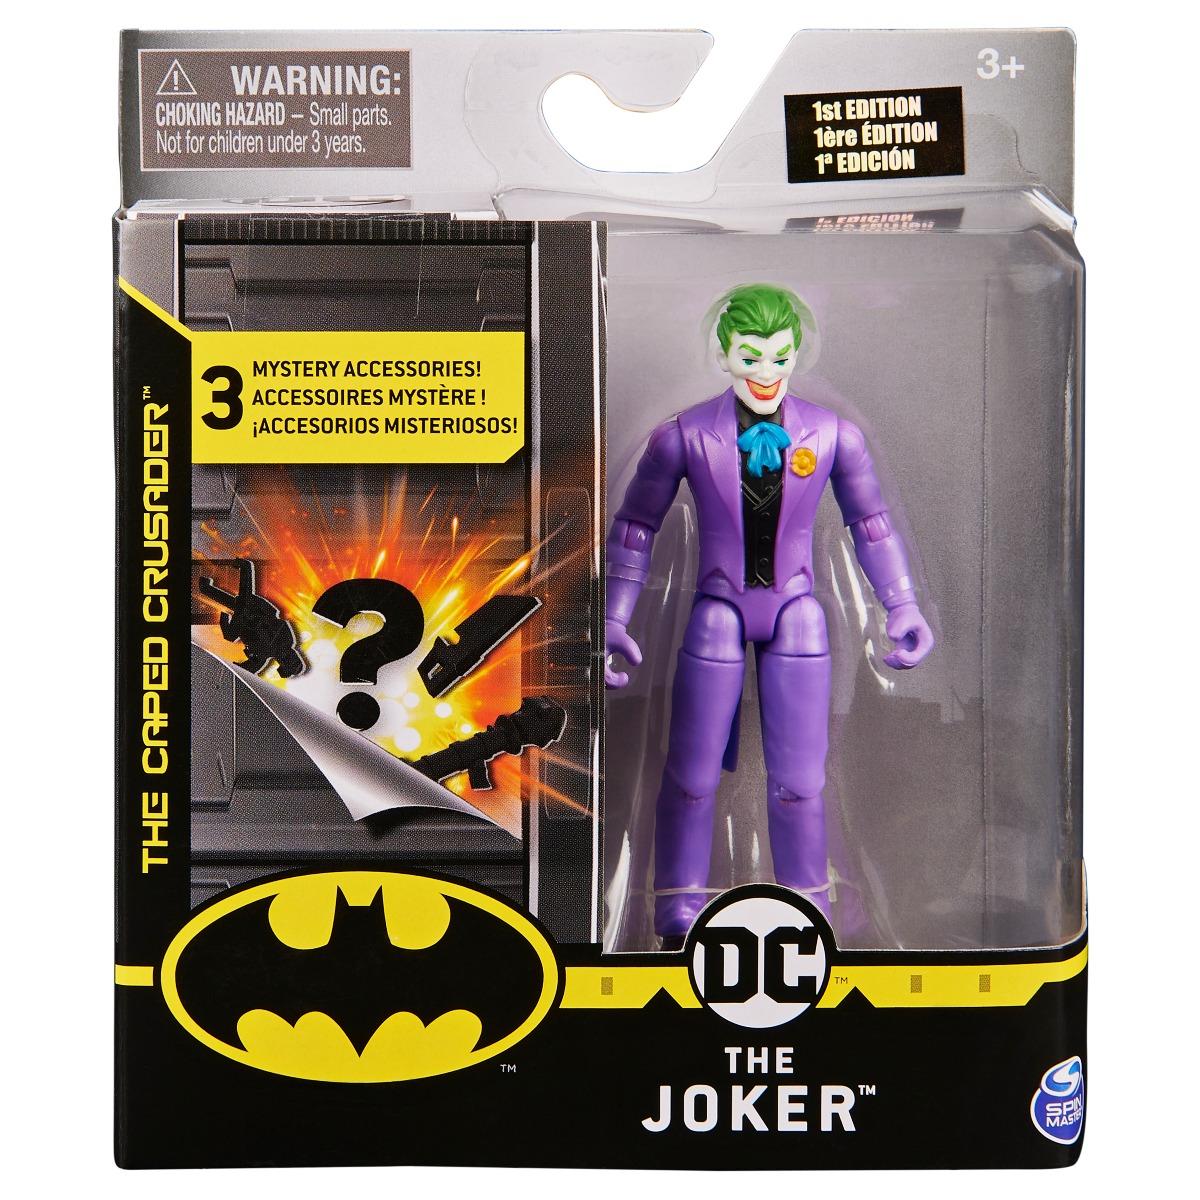 Set Figurina cu accesorii surpriza Batman, The Joker 20124529